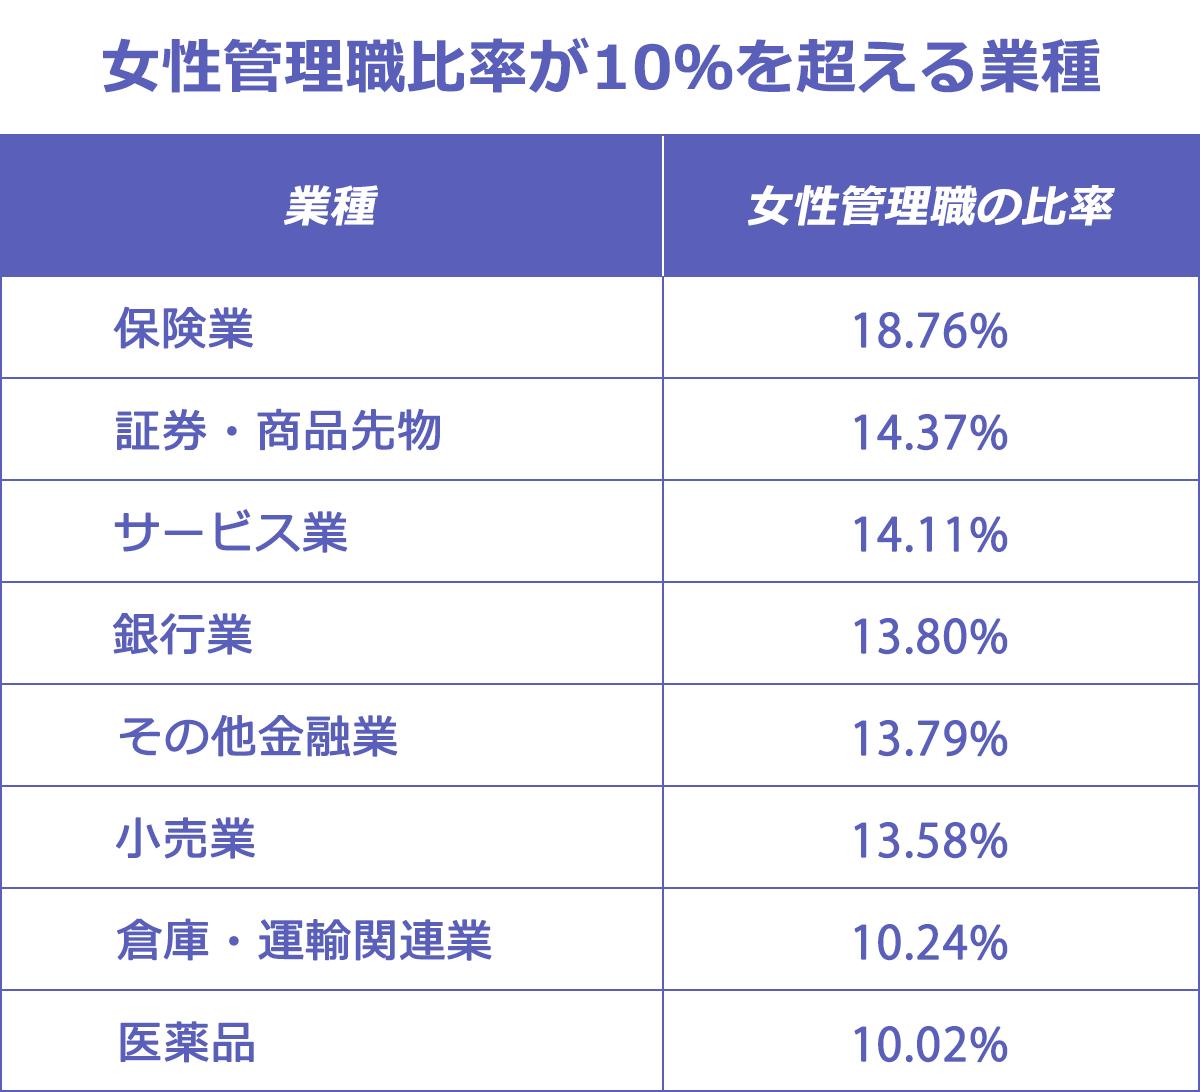 【女性管理職比率が10%を超える業種】以下、業種:女性管理職比率。保険業:18.76%。証券・商品先物:14.37%。サービス業:14.11%。銀行業:13.80%。その他金融業:13.79%。小売業:13.58%。倉庫・運輸関連業:10.24%。医薬品:10.02%。